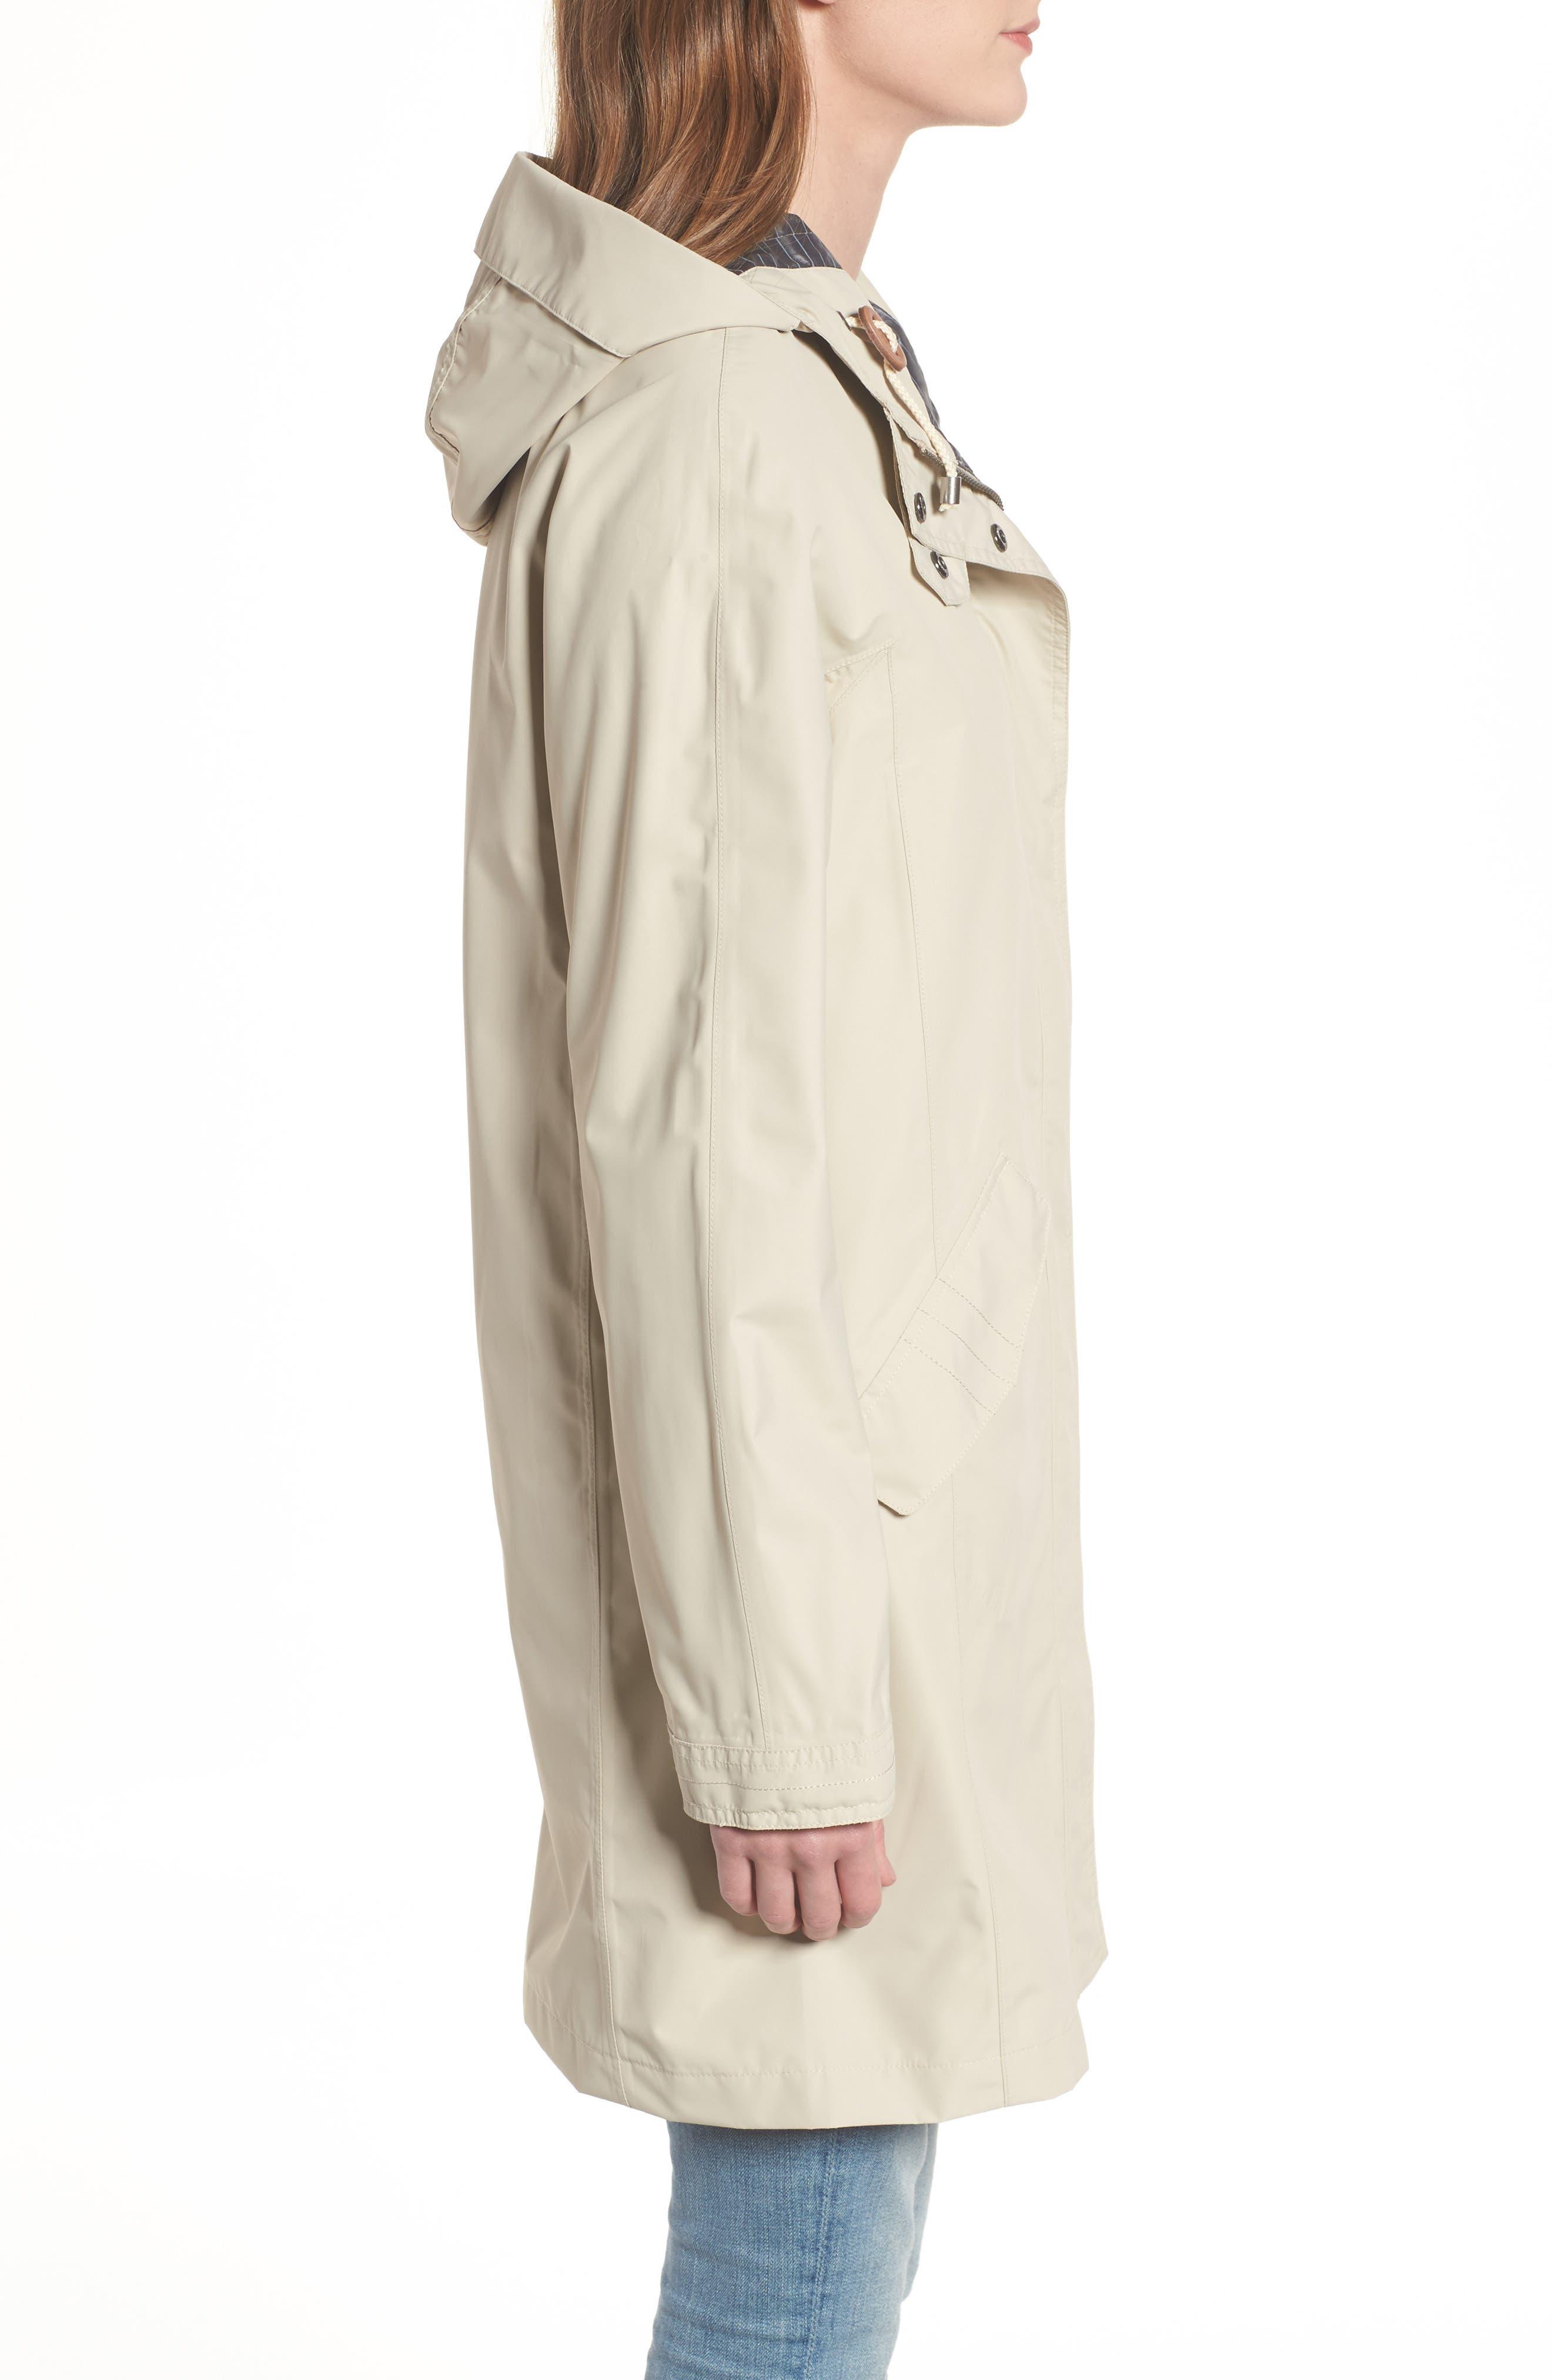 Hartland Hooded Jacket,                             Alternate thumbnail 3, color,                             270